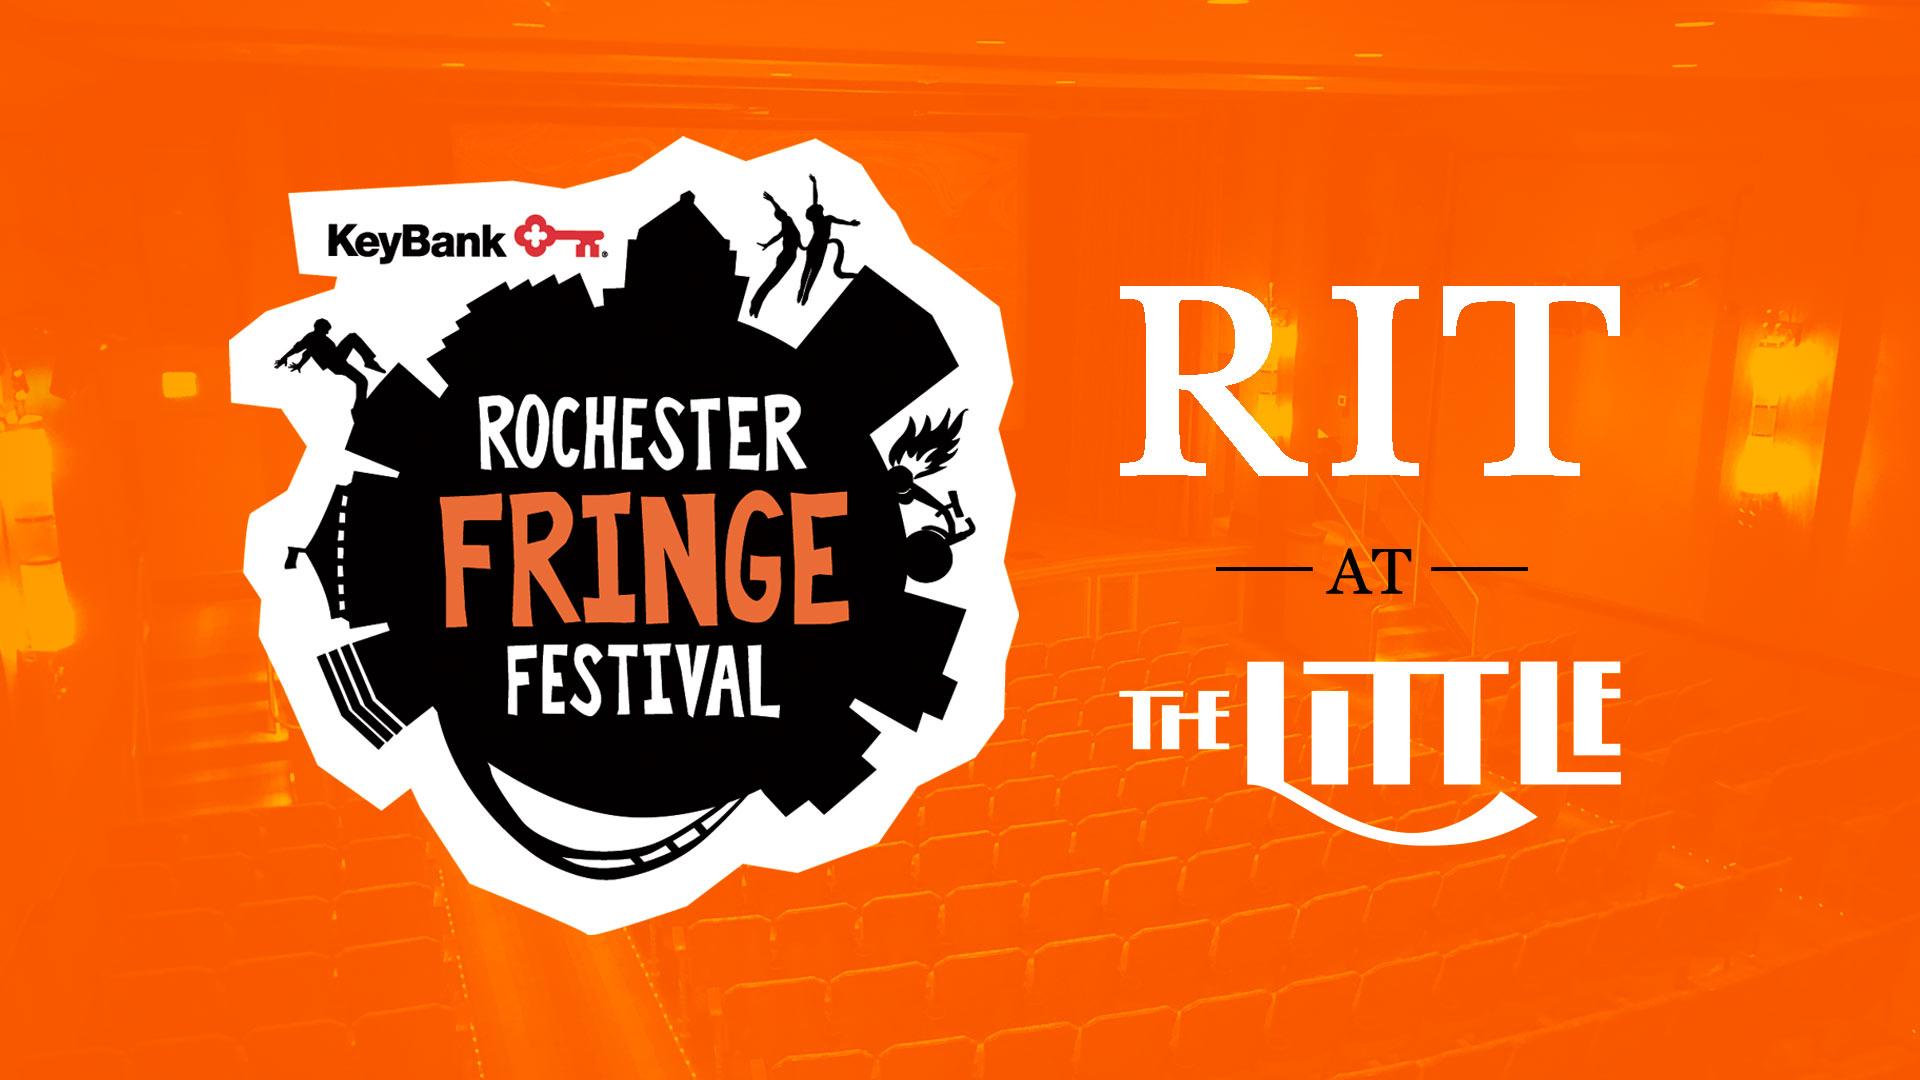 Rochester Fringe - RIT at The Little